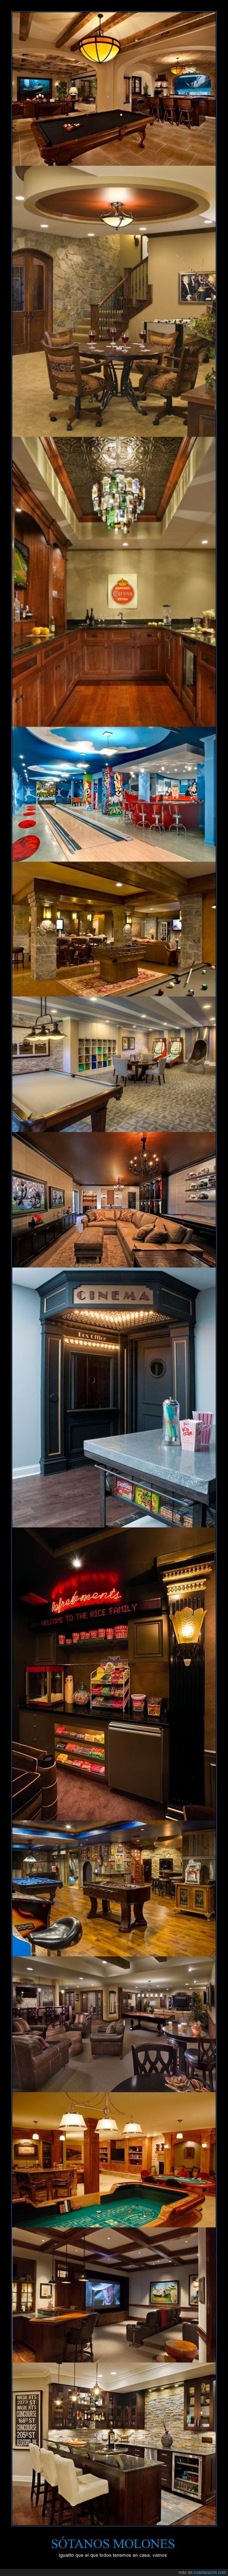 cine,consola,deportes,jugar,man cave,molon,pantallas,reformado,reformar,sotano,tele,ver